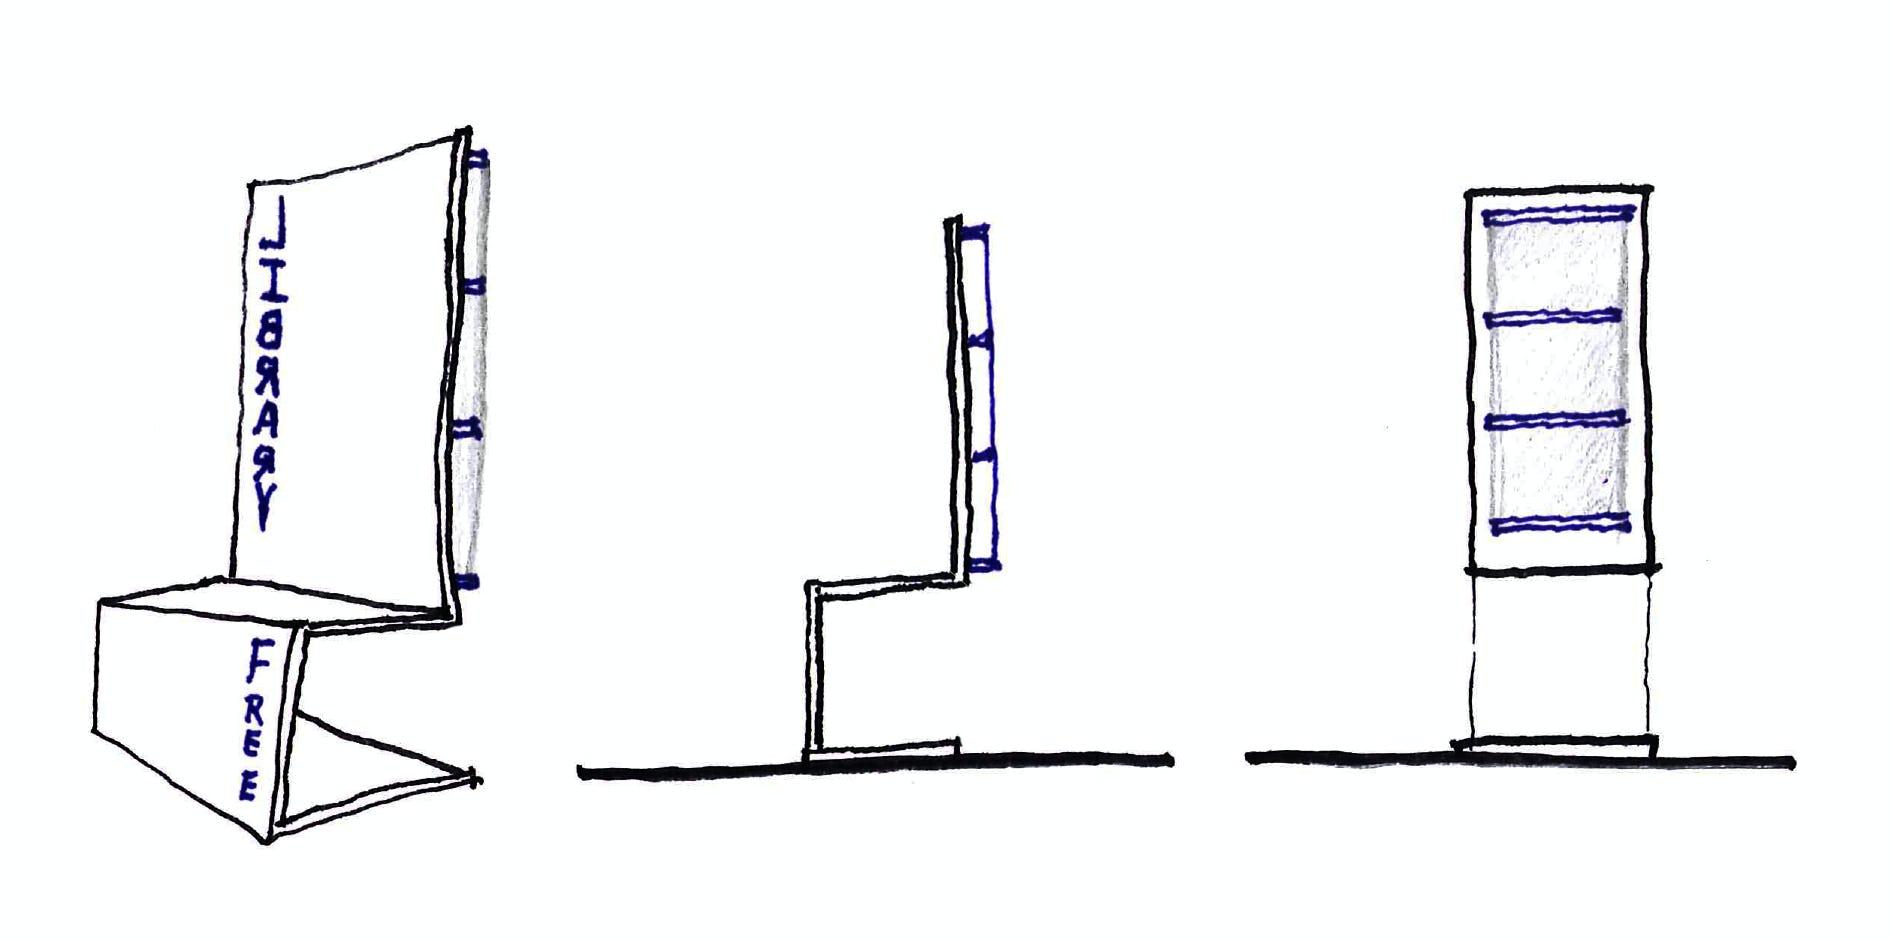 Lfl sketches